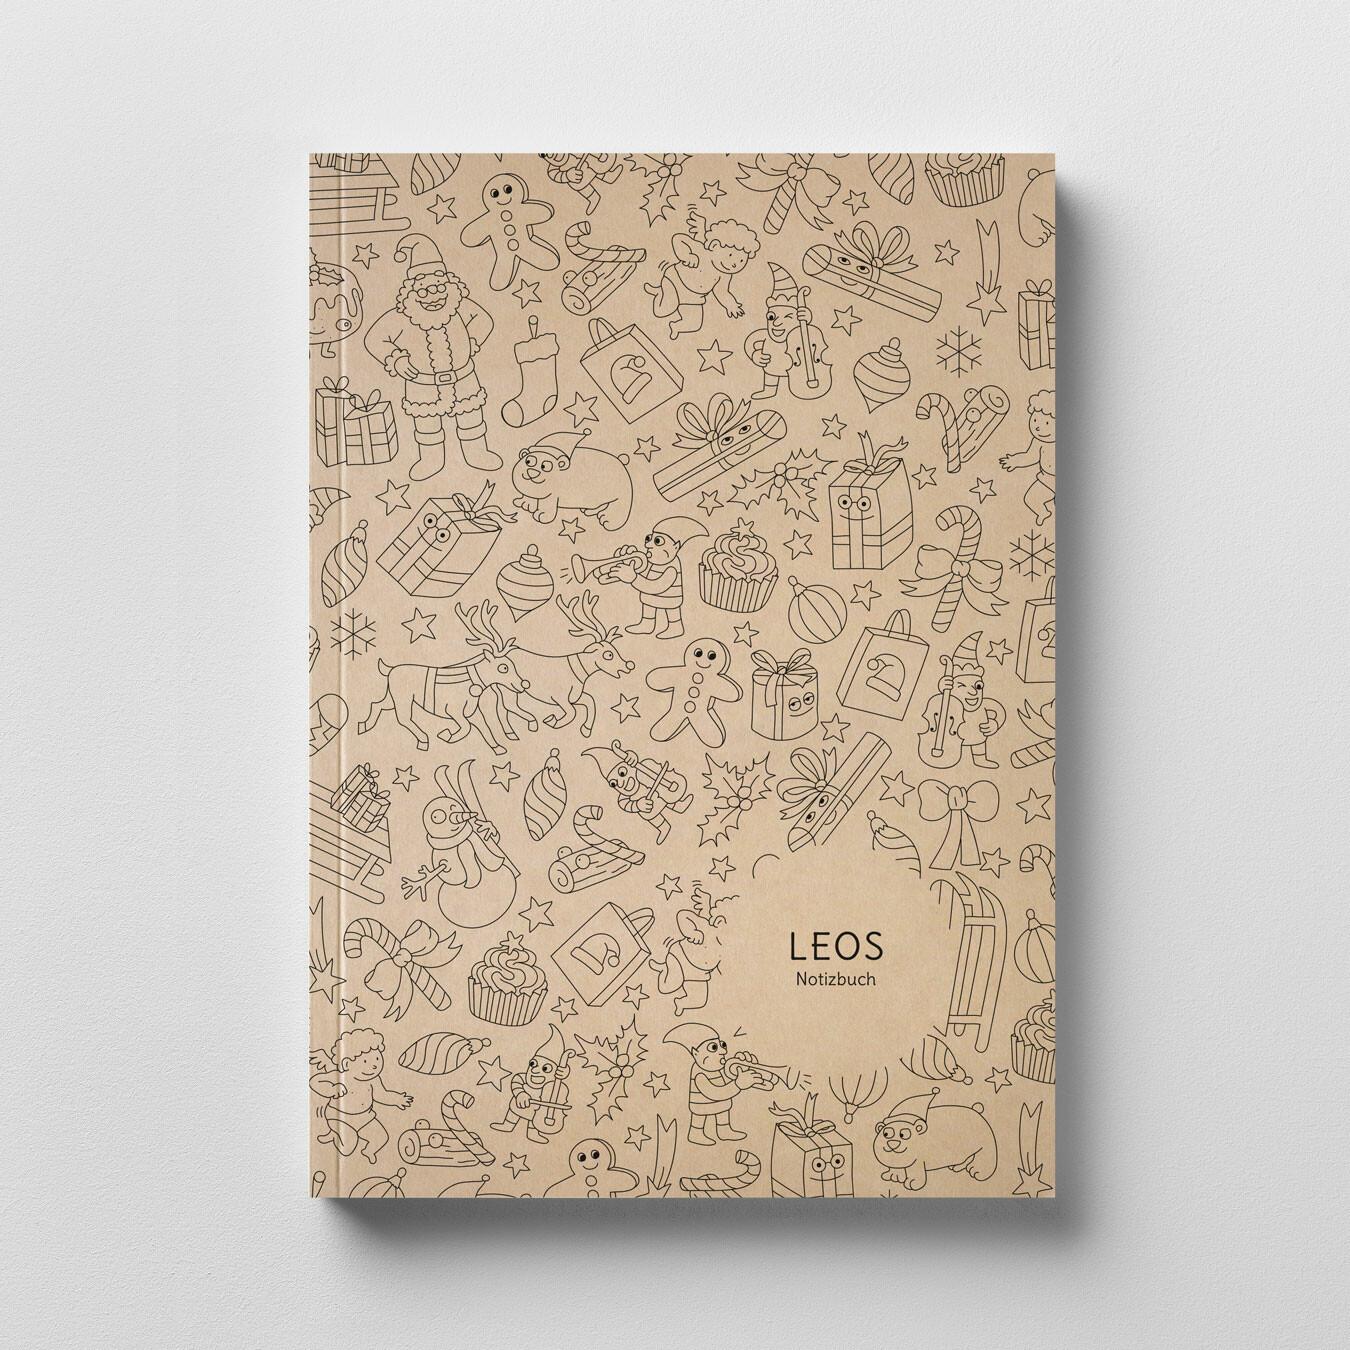 Notizbuch zum Ausmalen